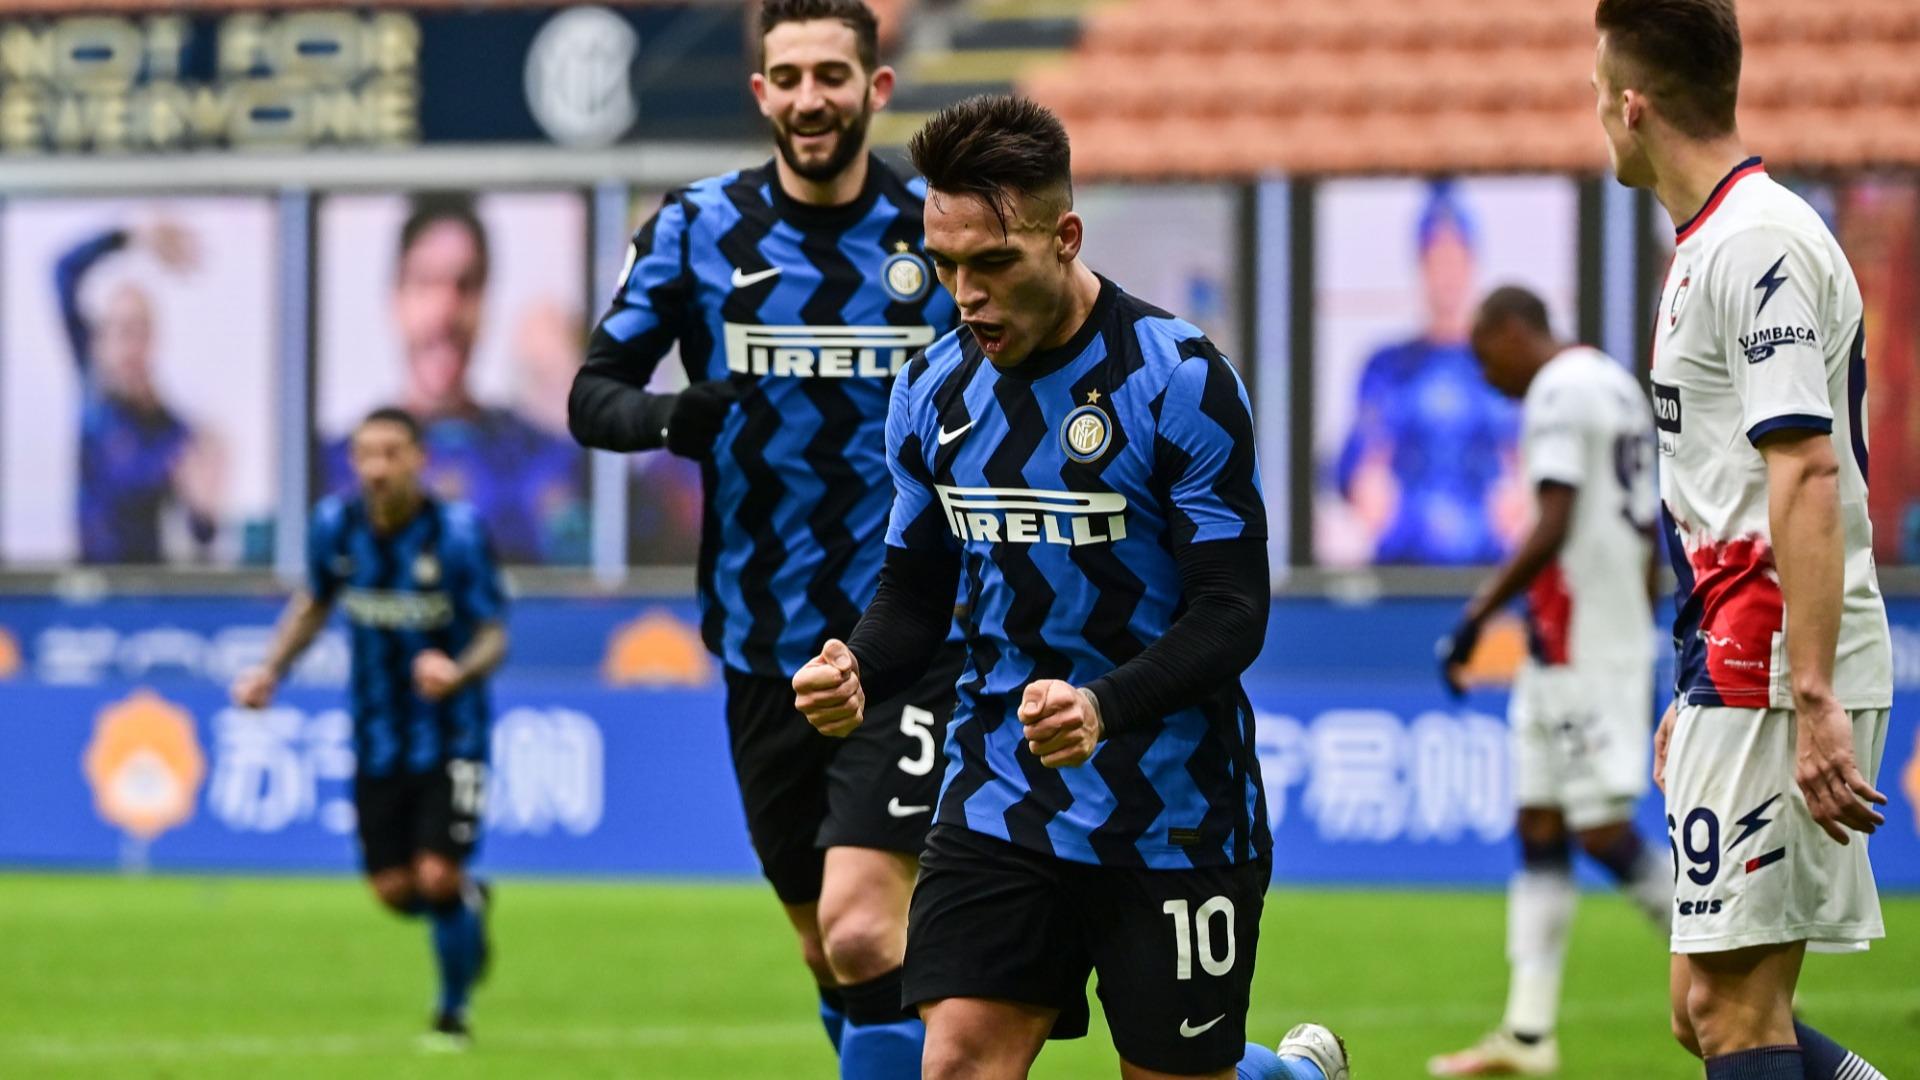 Inter 6-2 Crotone: Lautaro treble leads Nerazzurri to fifth straight home success